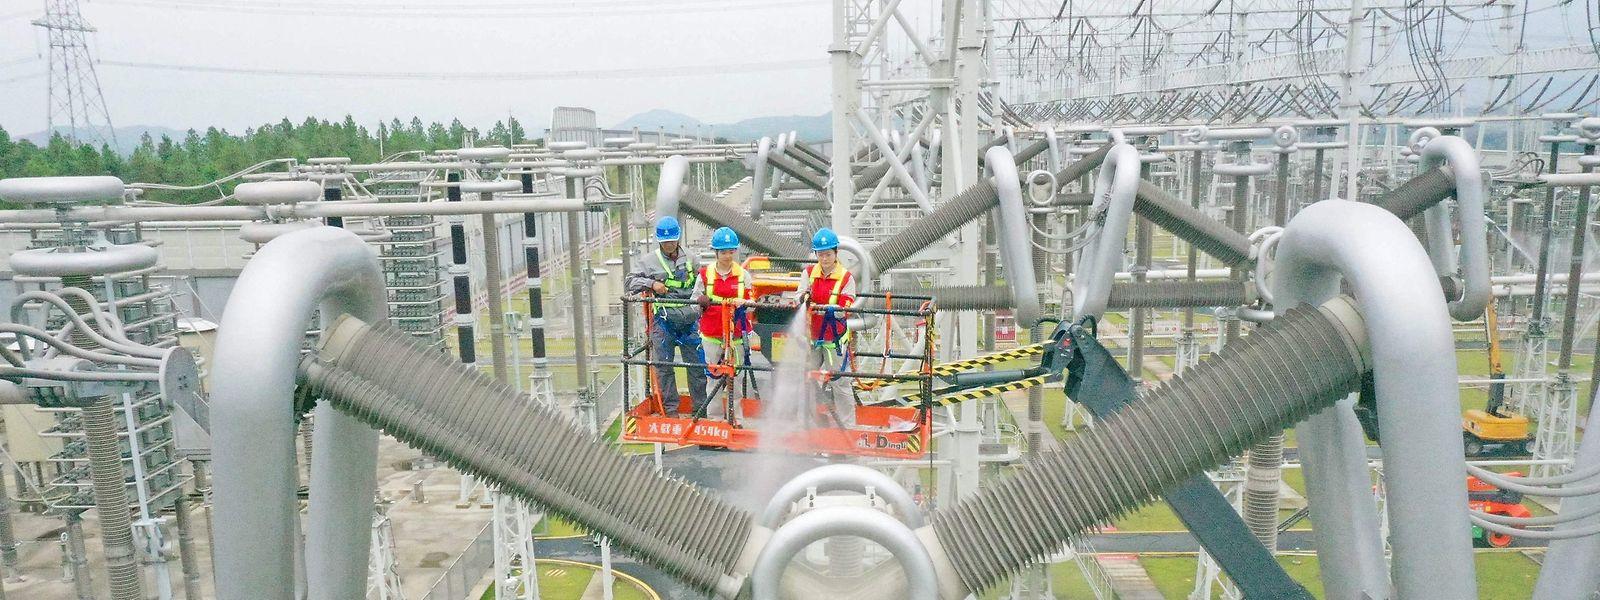 Hochspannungsumrichterstation in Xuancheng in der ostchinesischen Provinz Anhui - der Mangel an ausreichend Strom dürfte in China noch Monate anhalten.